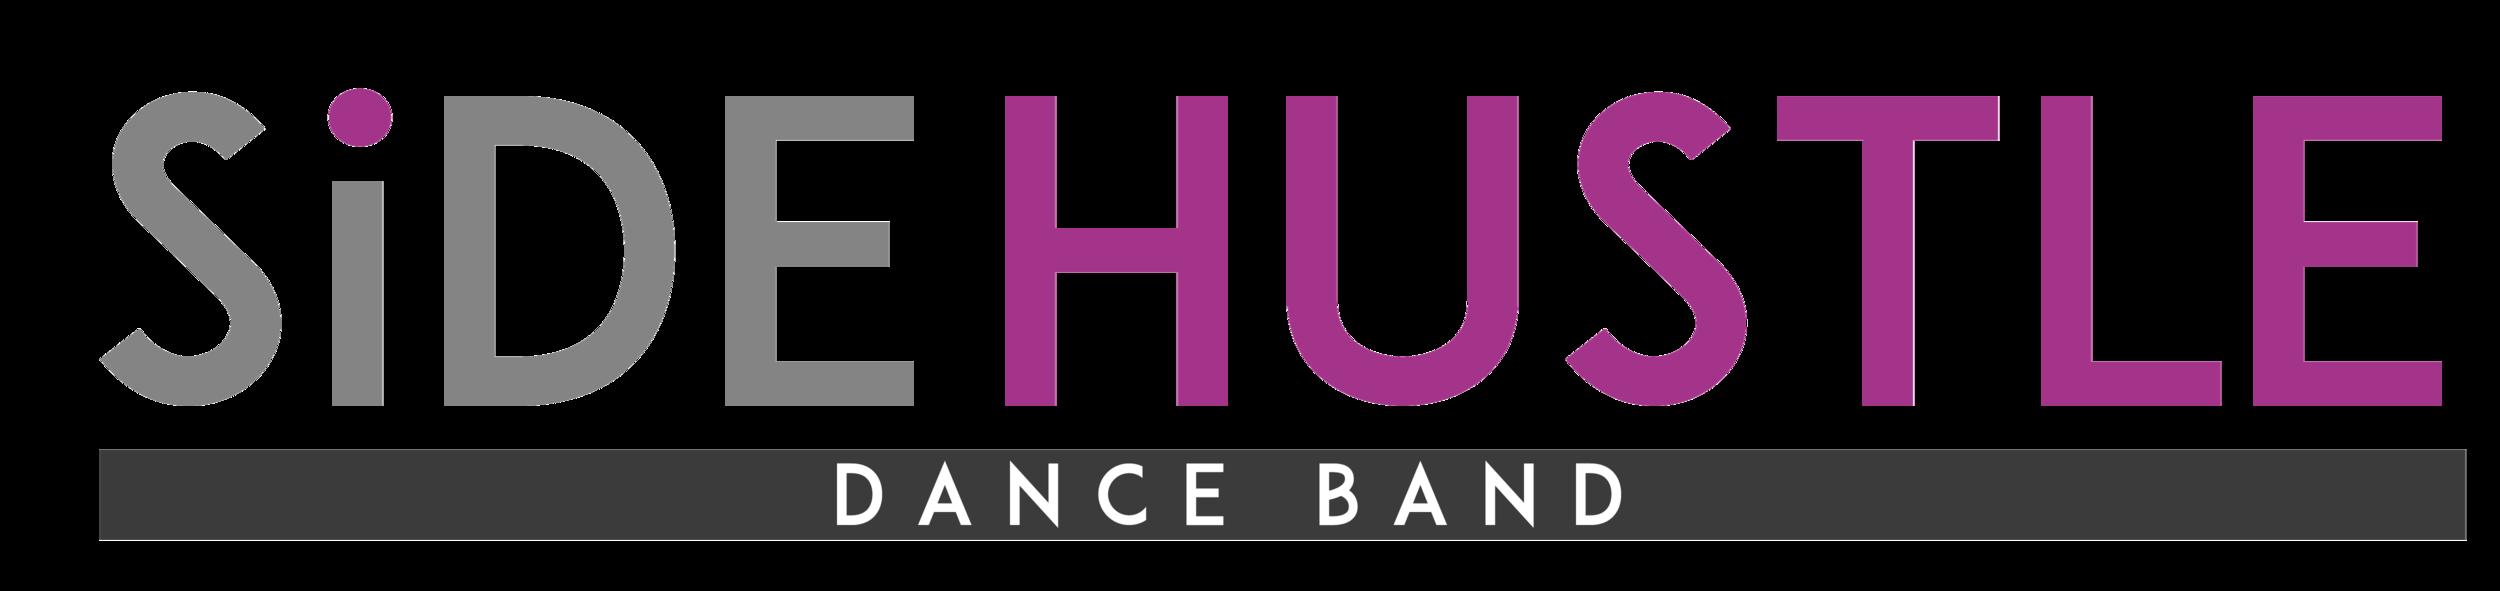 Side Hustle logo2.png